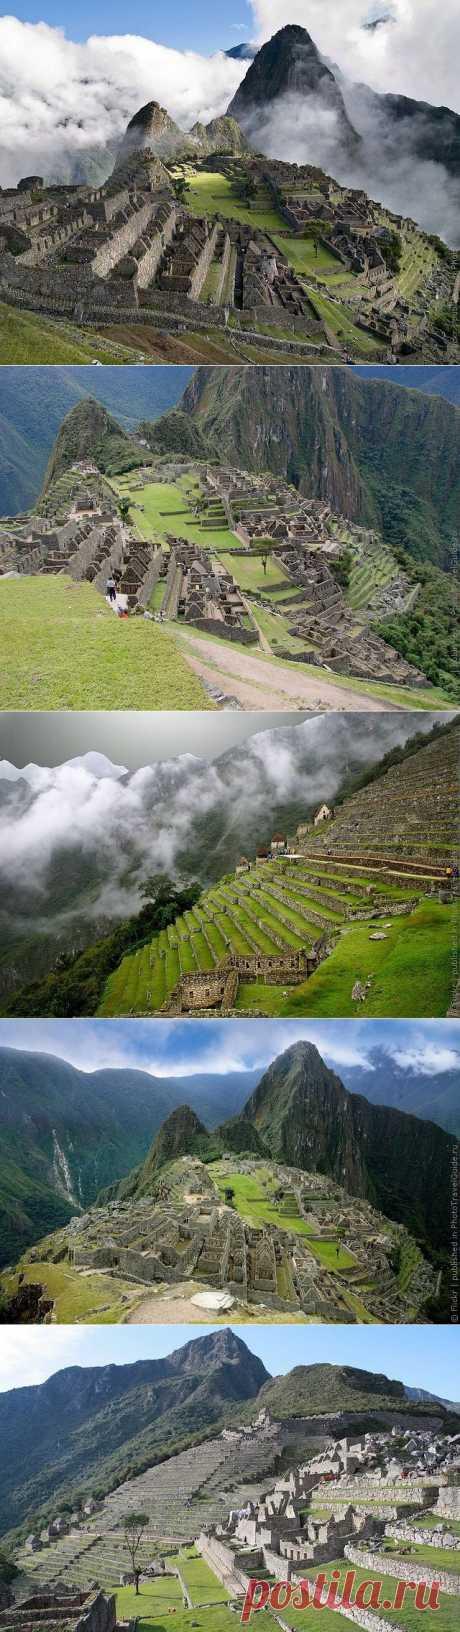 Мачу Пикчу - город инков, фото и история города